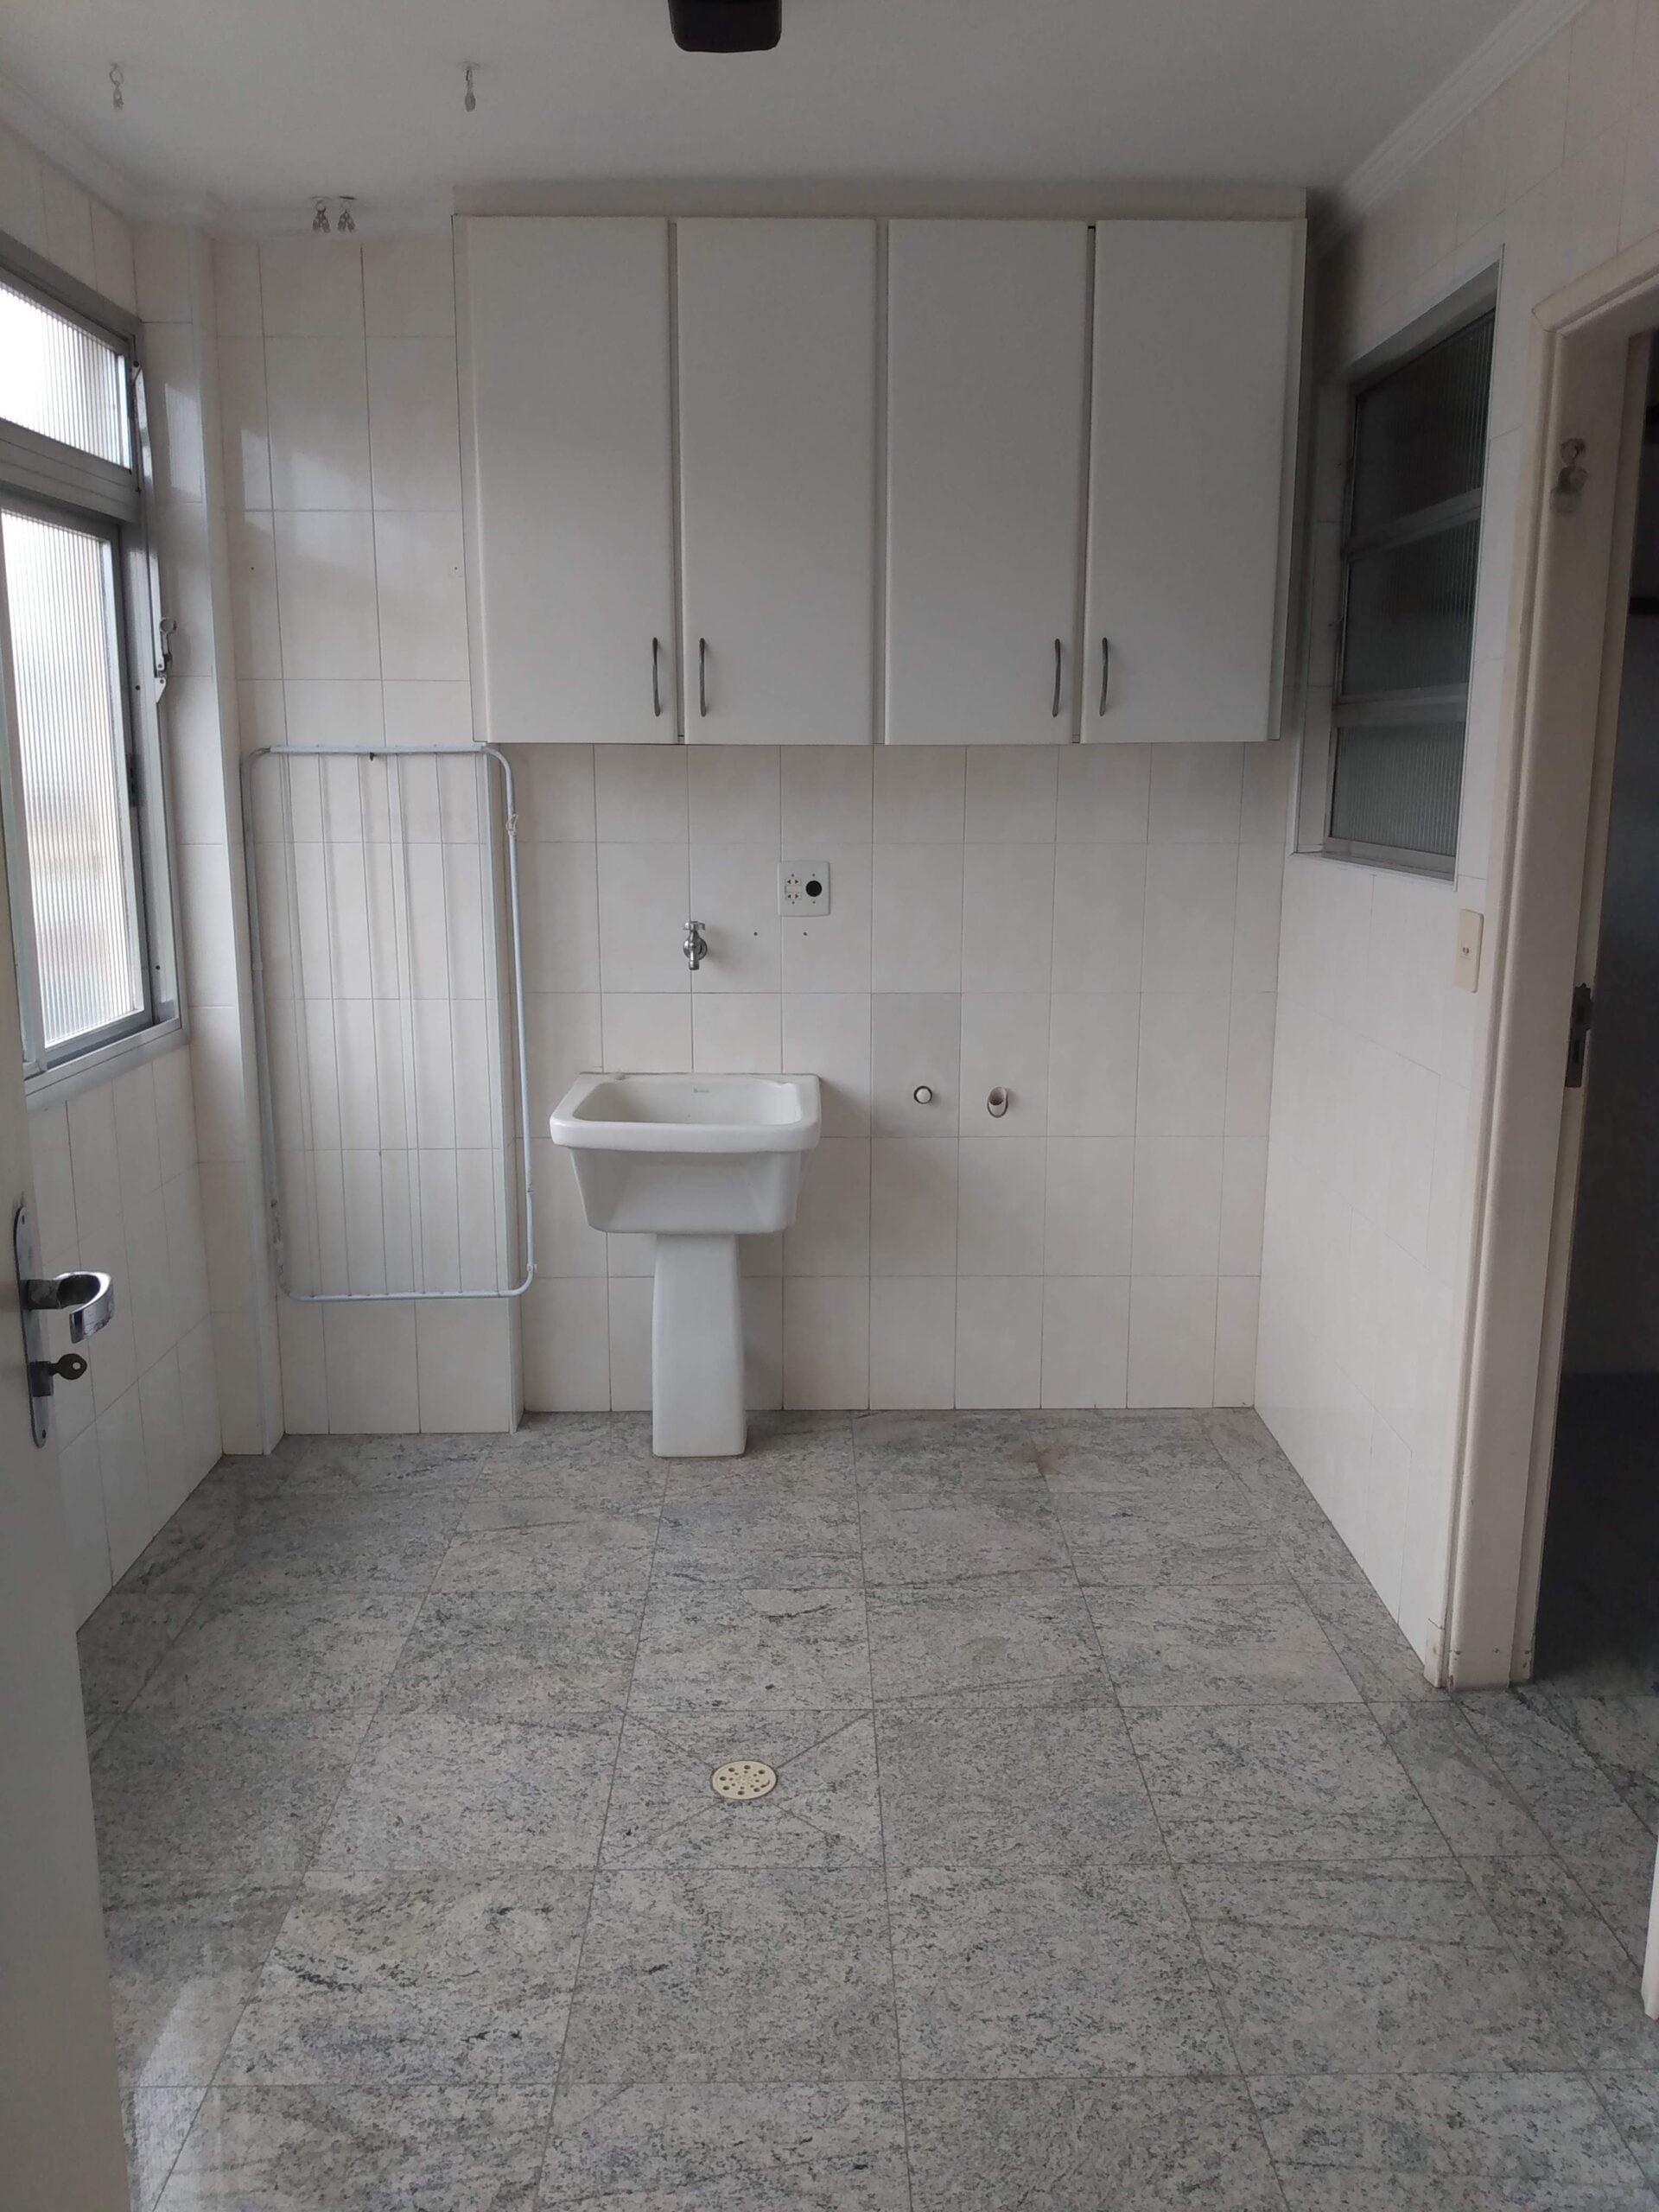 Amplo apartamento no Gonzaga, com ótima vista Livre, 02 dormitórios com armários embutidos, com uma suíte, com dependência completa de empregada. - foto 26